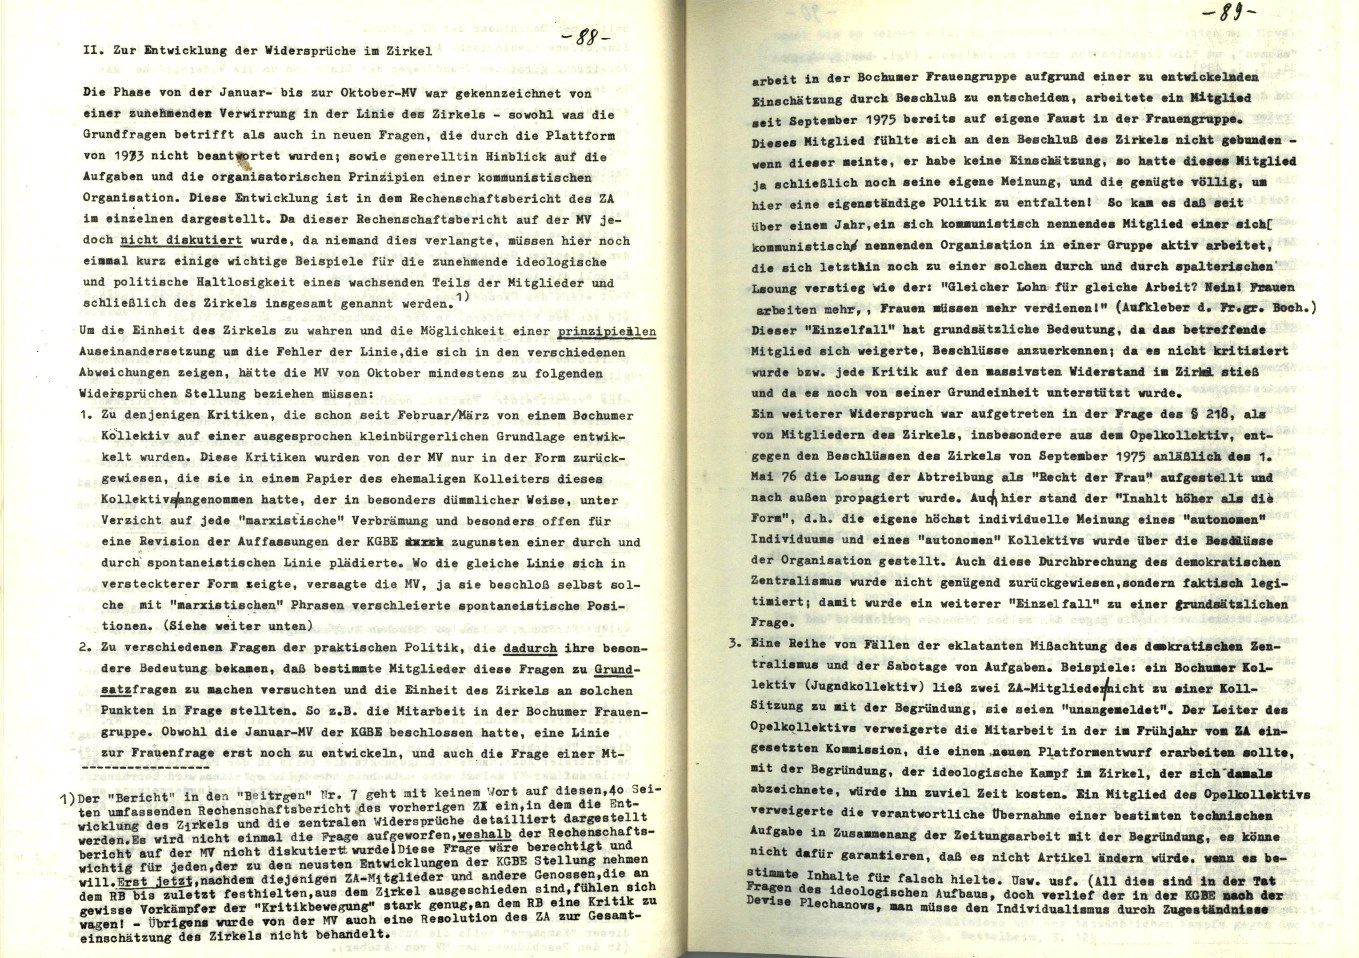 KGBE_Ehemalige_1977_Kritik_an_der_KGBE_48